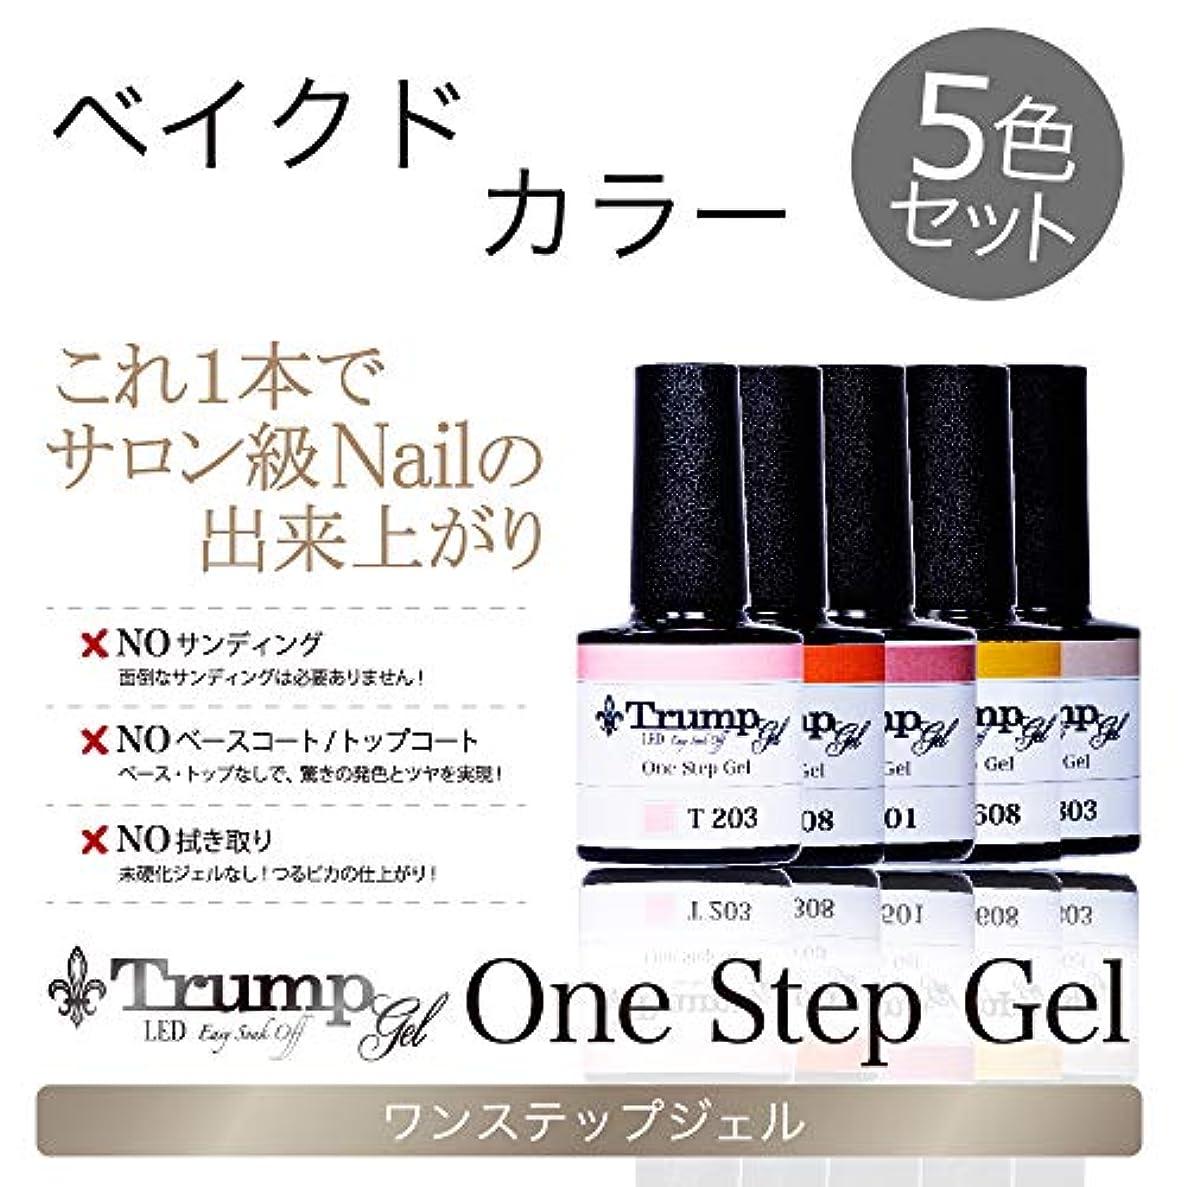 倍率潜在的な珍味【日本製】Trump gel トランプジェル ワンステップジェル ジェルネイル カラージェル 5点 セット べっ甲 ベイクド ミルキー (ベイクドカラー5色セット)